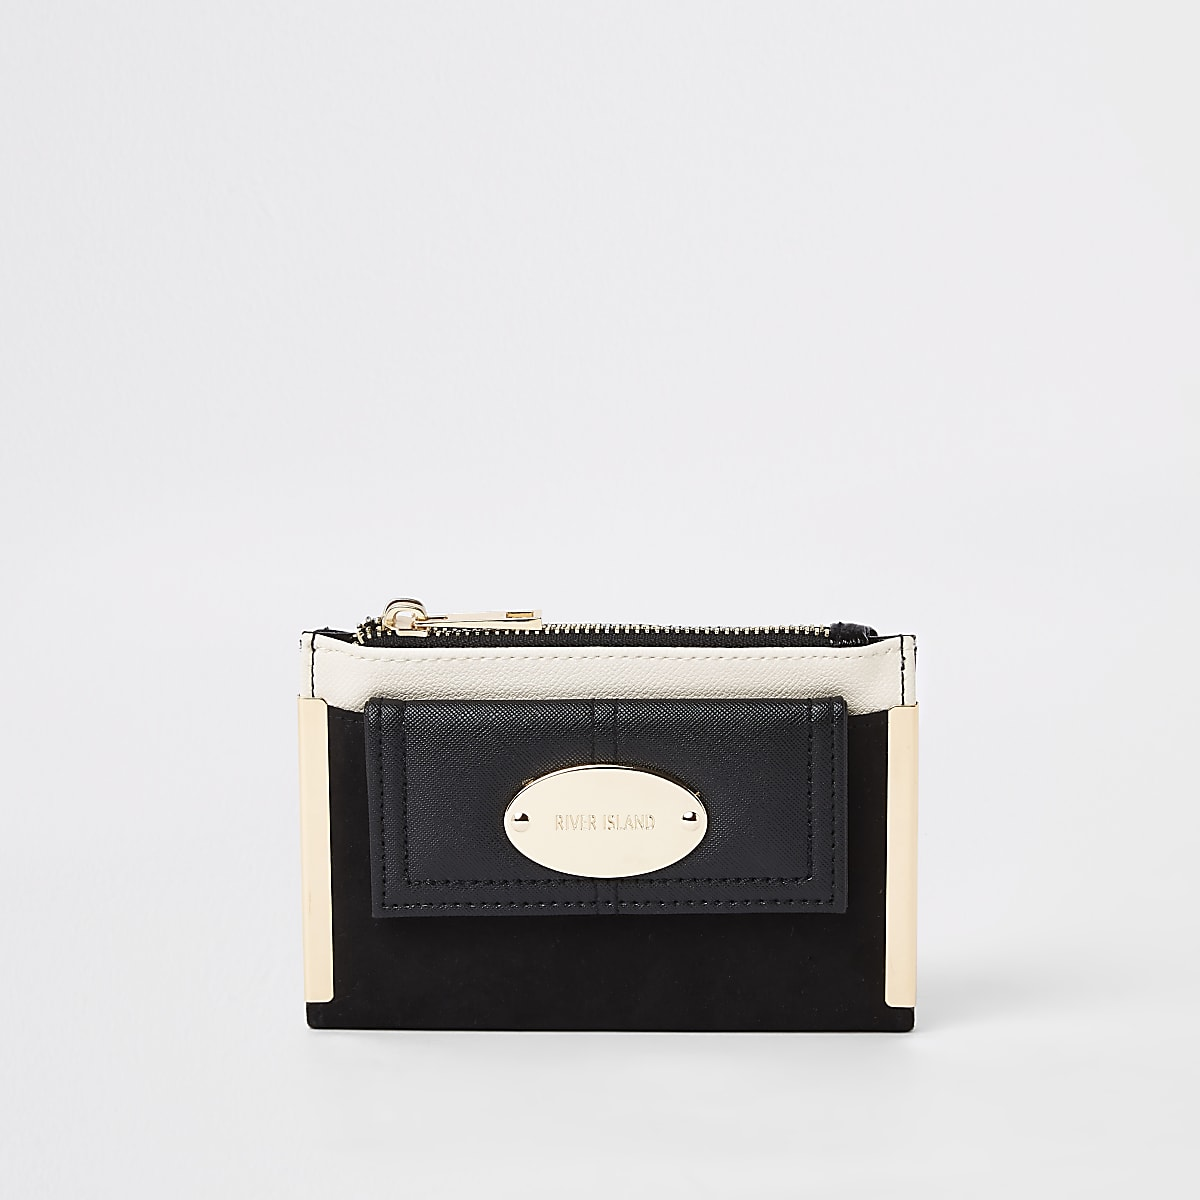 Mini porte-monnaie noir à rabat avec poche avant